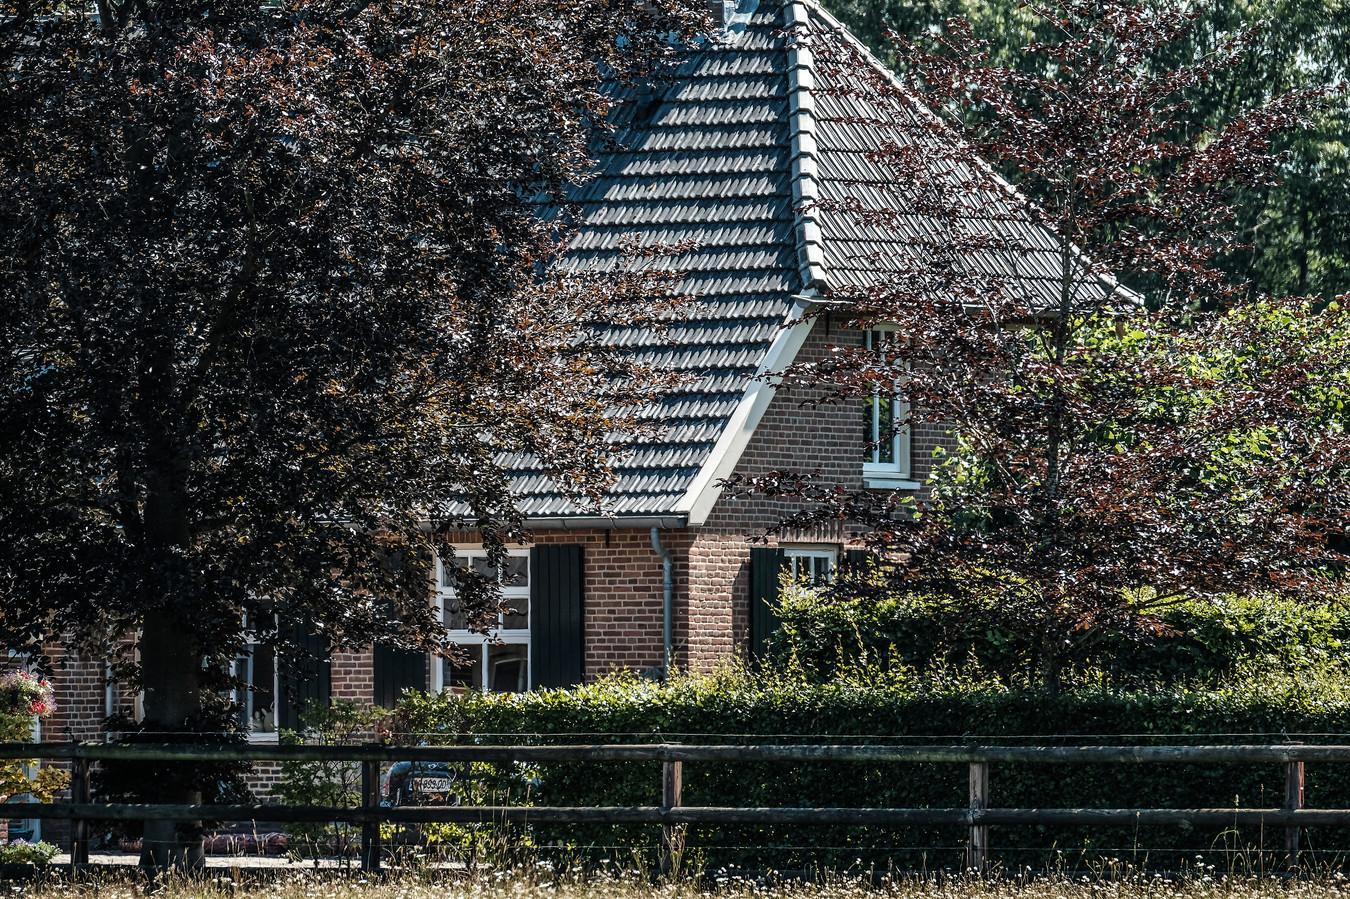 De woonboerderij van de Meilandjes in Hengelo.